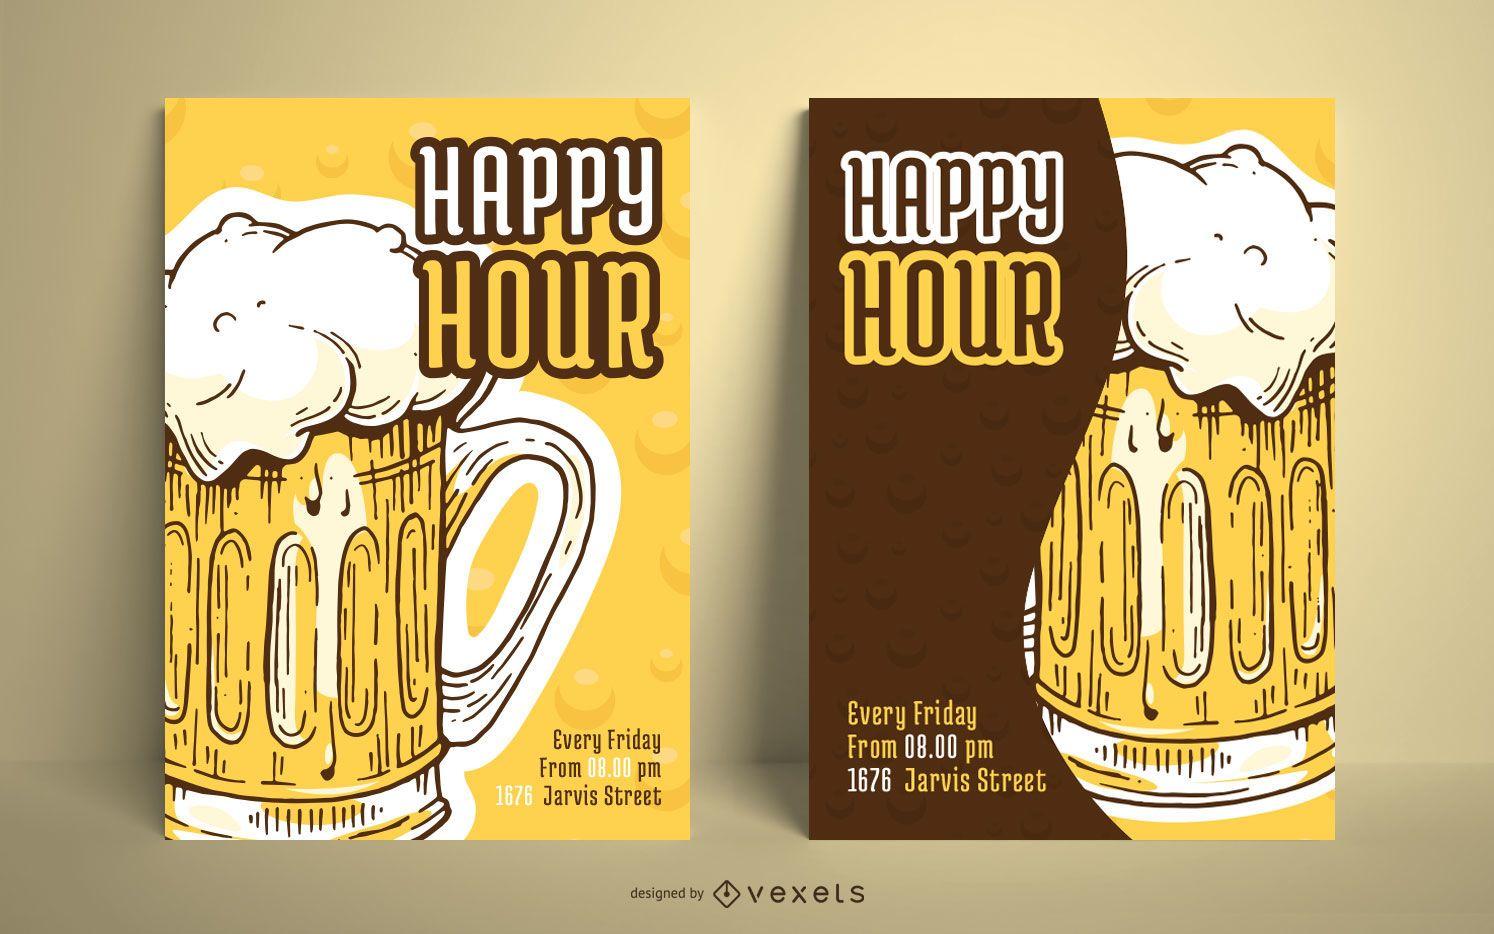 Paquete ilustrado de diseño de carteles de cerveza